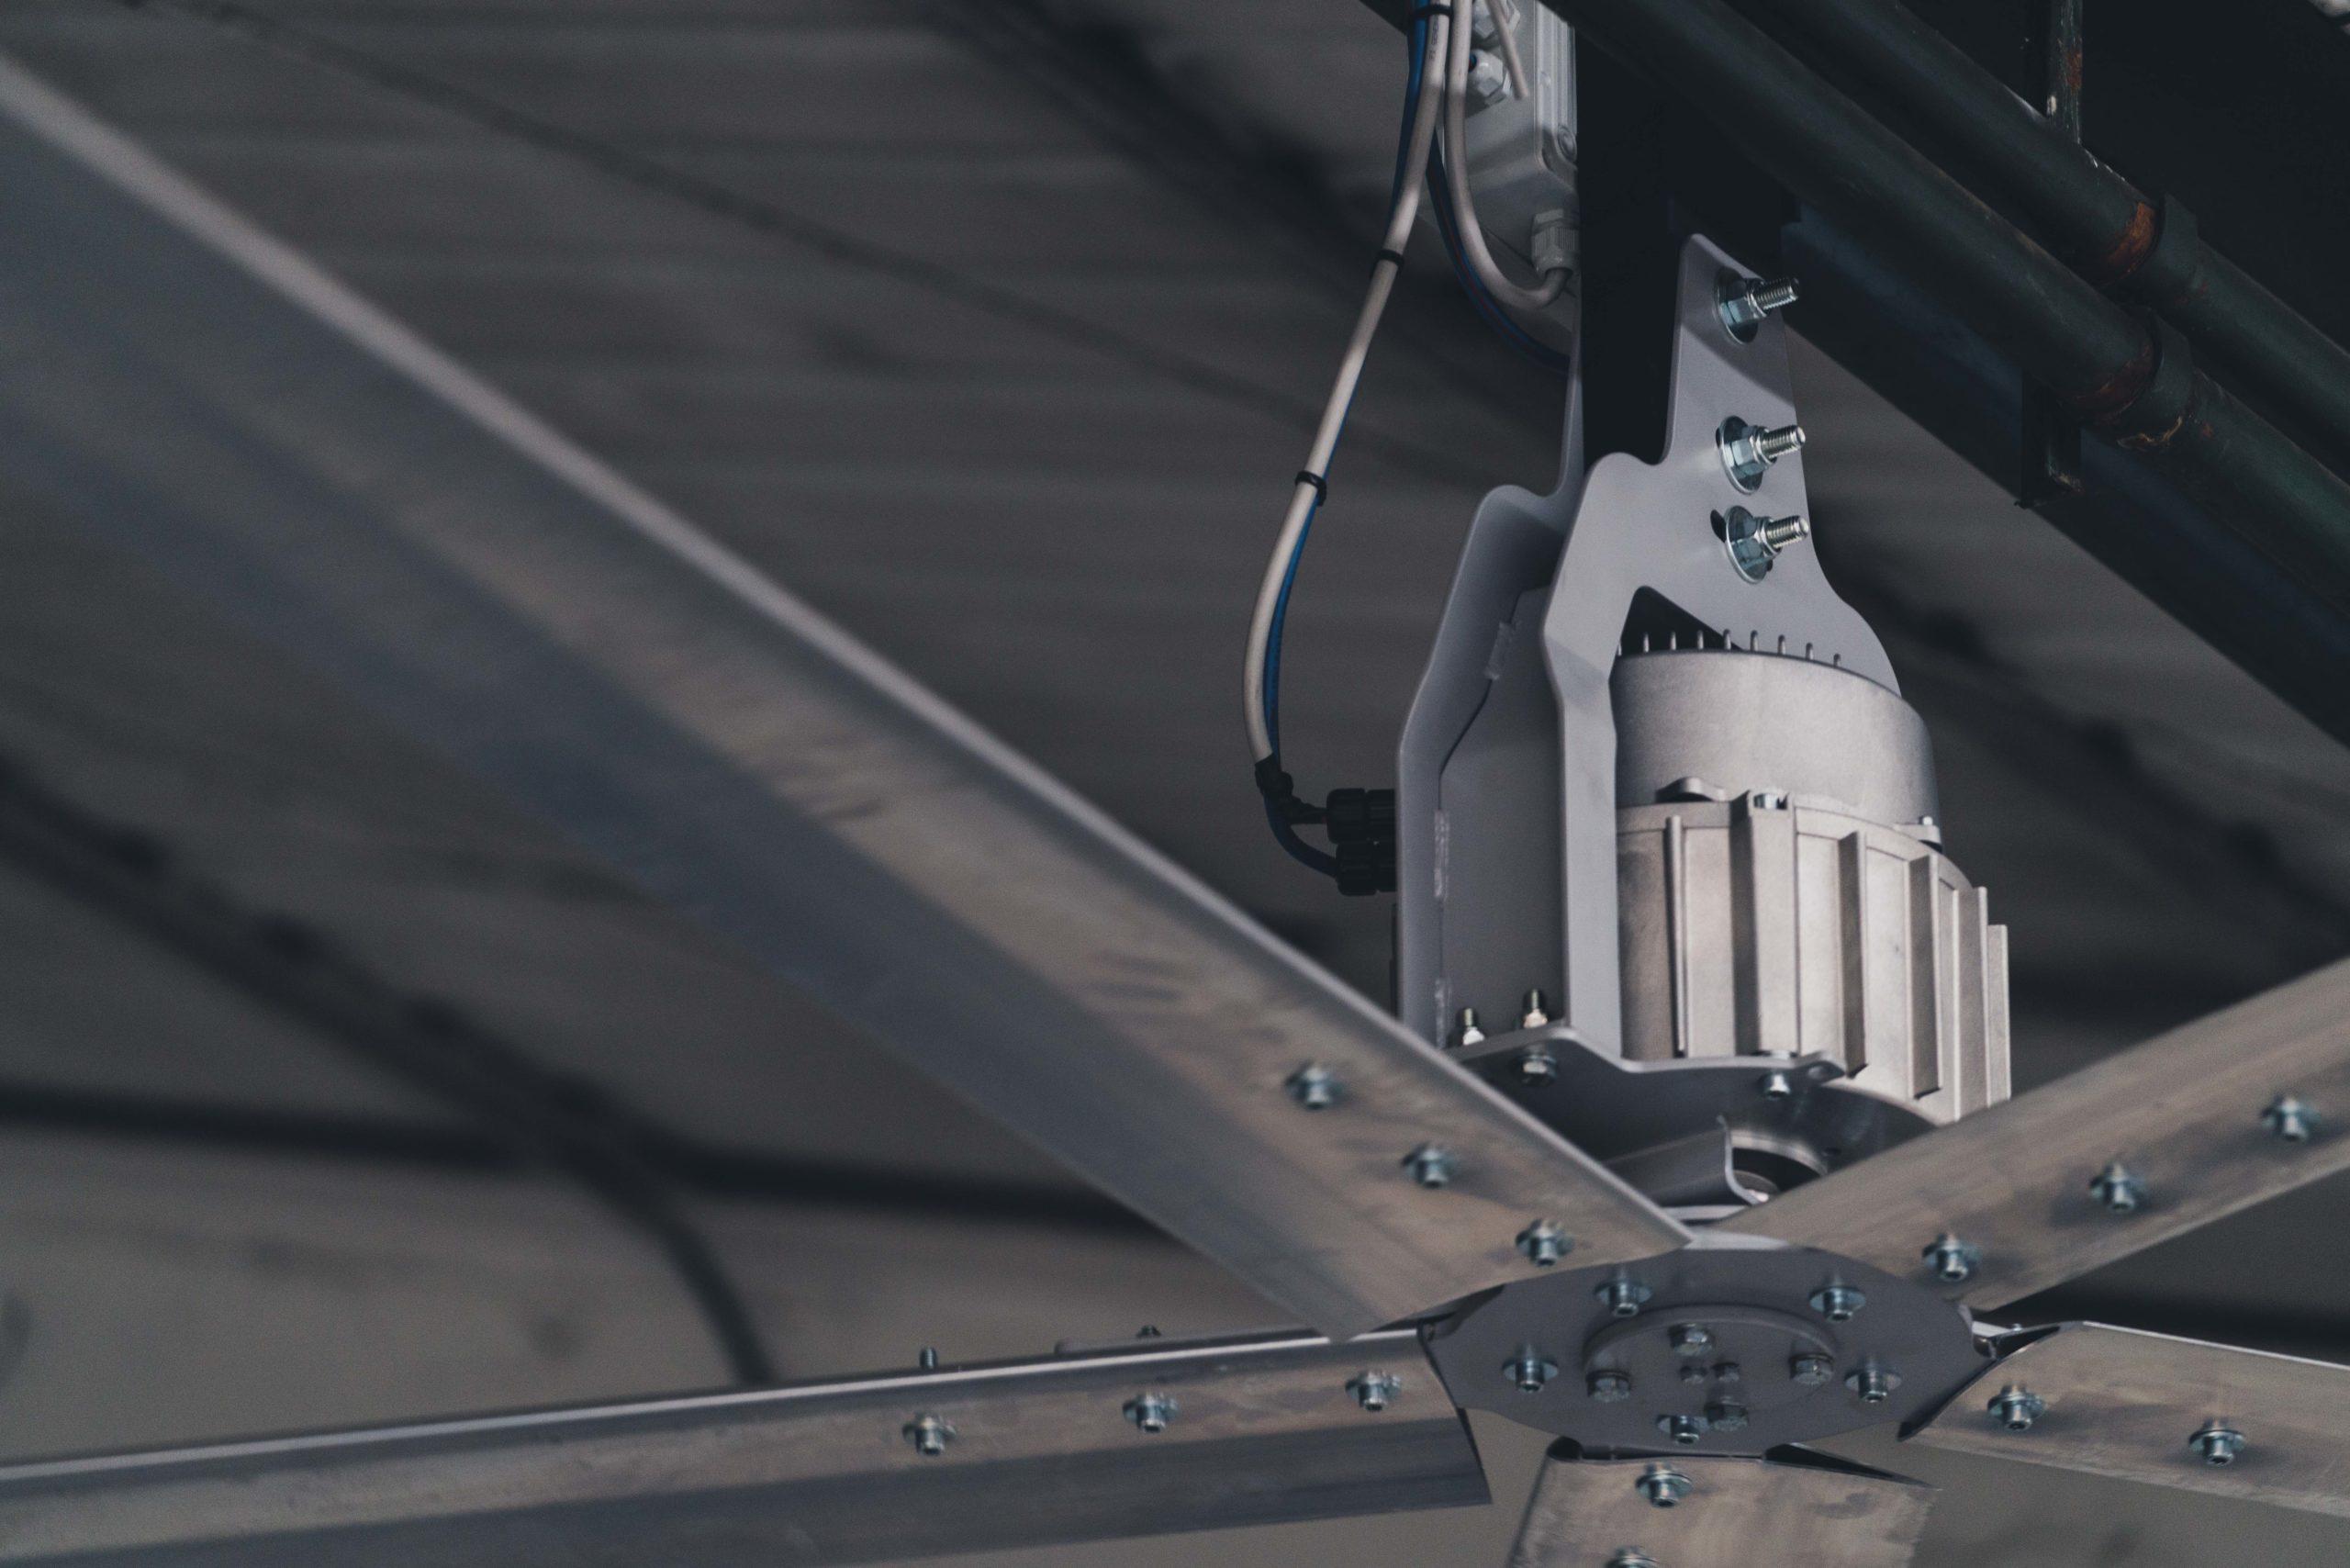 Optimvent® - Los mejores Ventiladores Industriales HVLS de techo - Ventiladores HVLS Optimvent - Ventilator industrial scaled - Optimvent® - Los mejores Ventiladores Industriales HVLS de techo